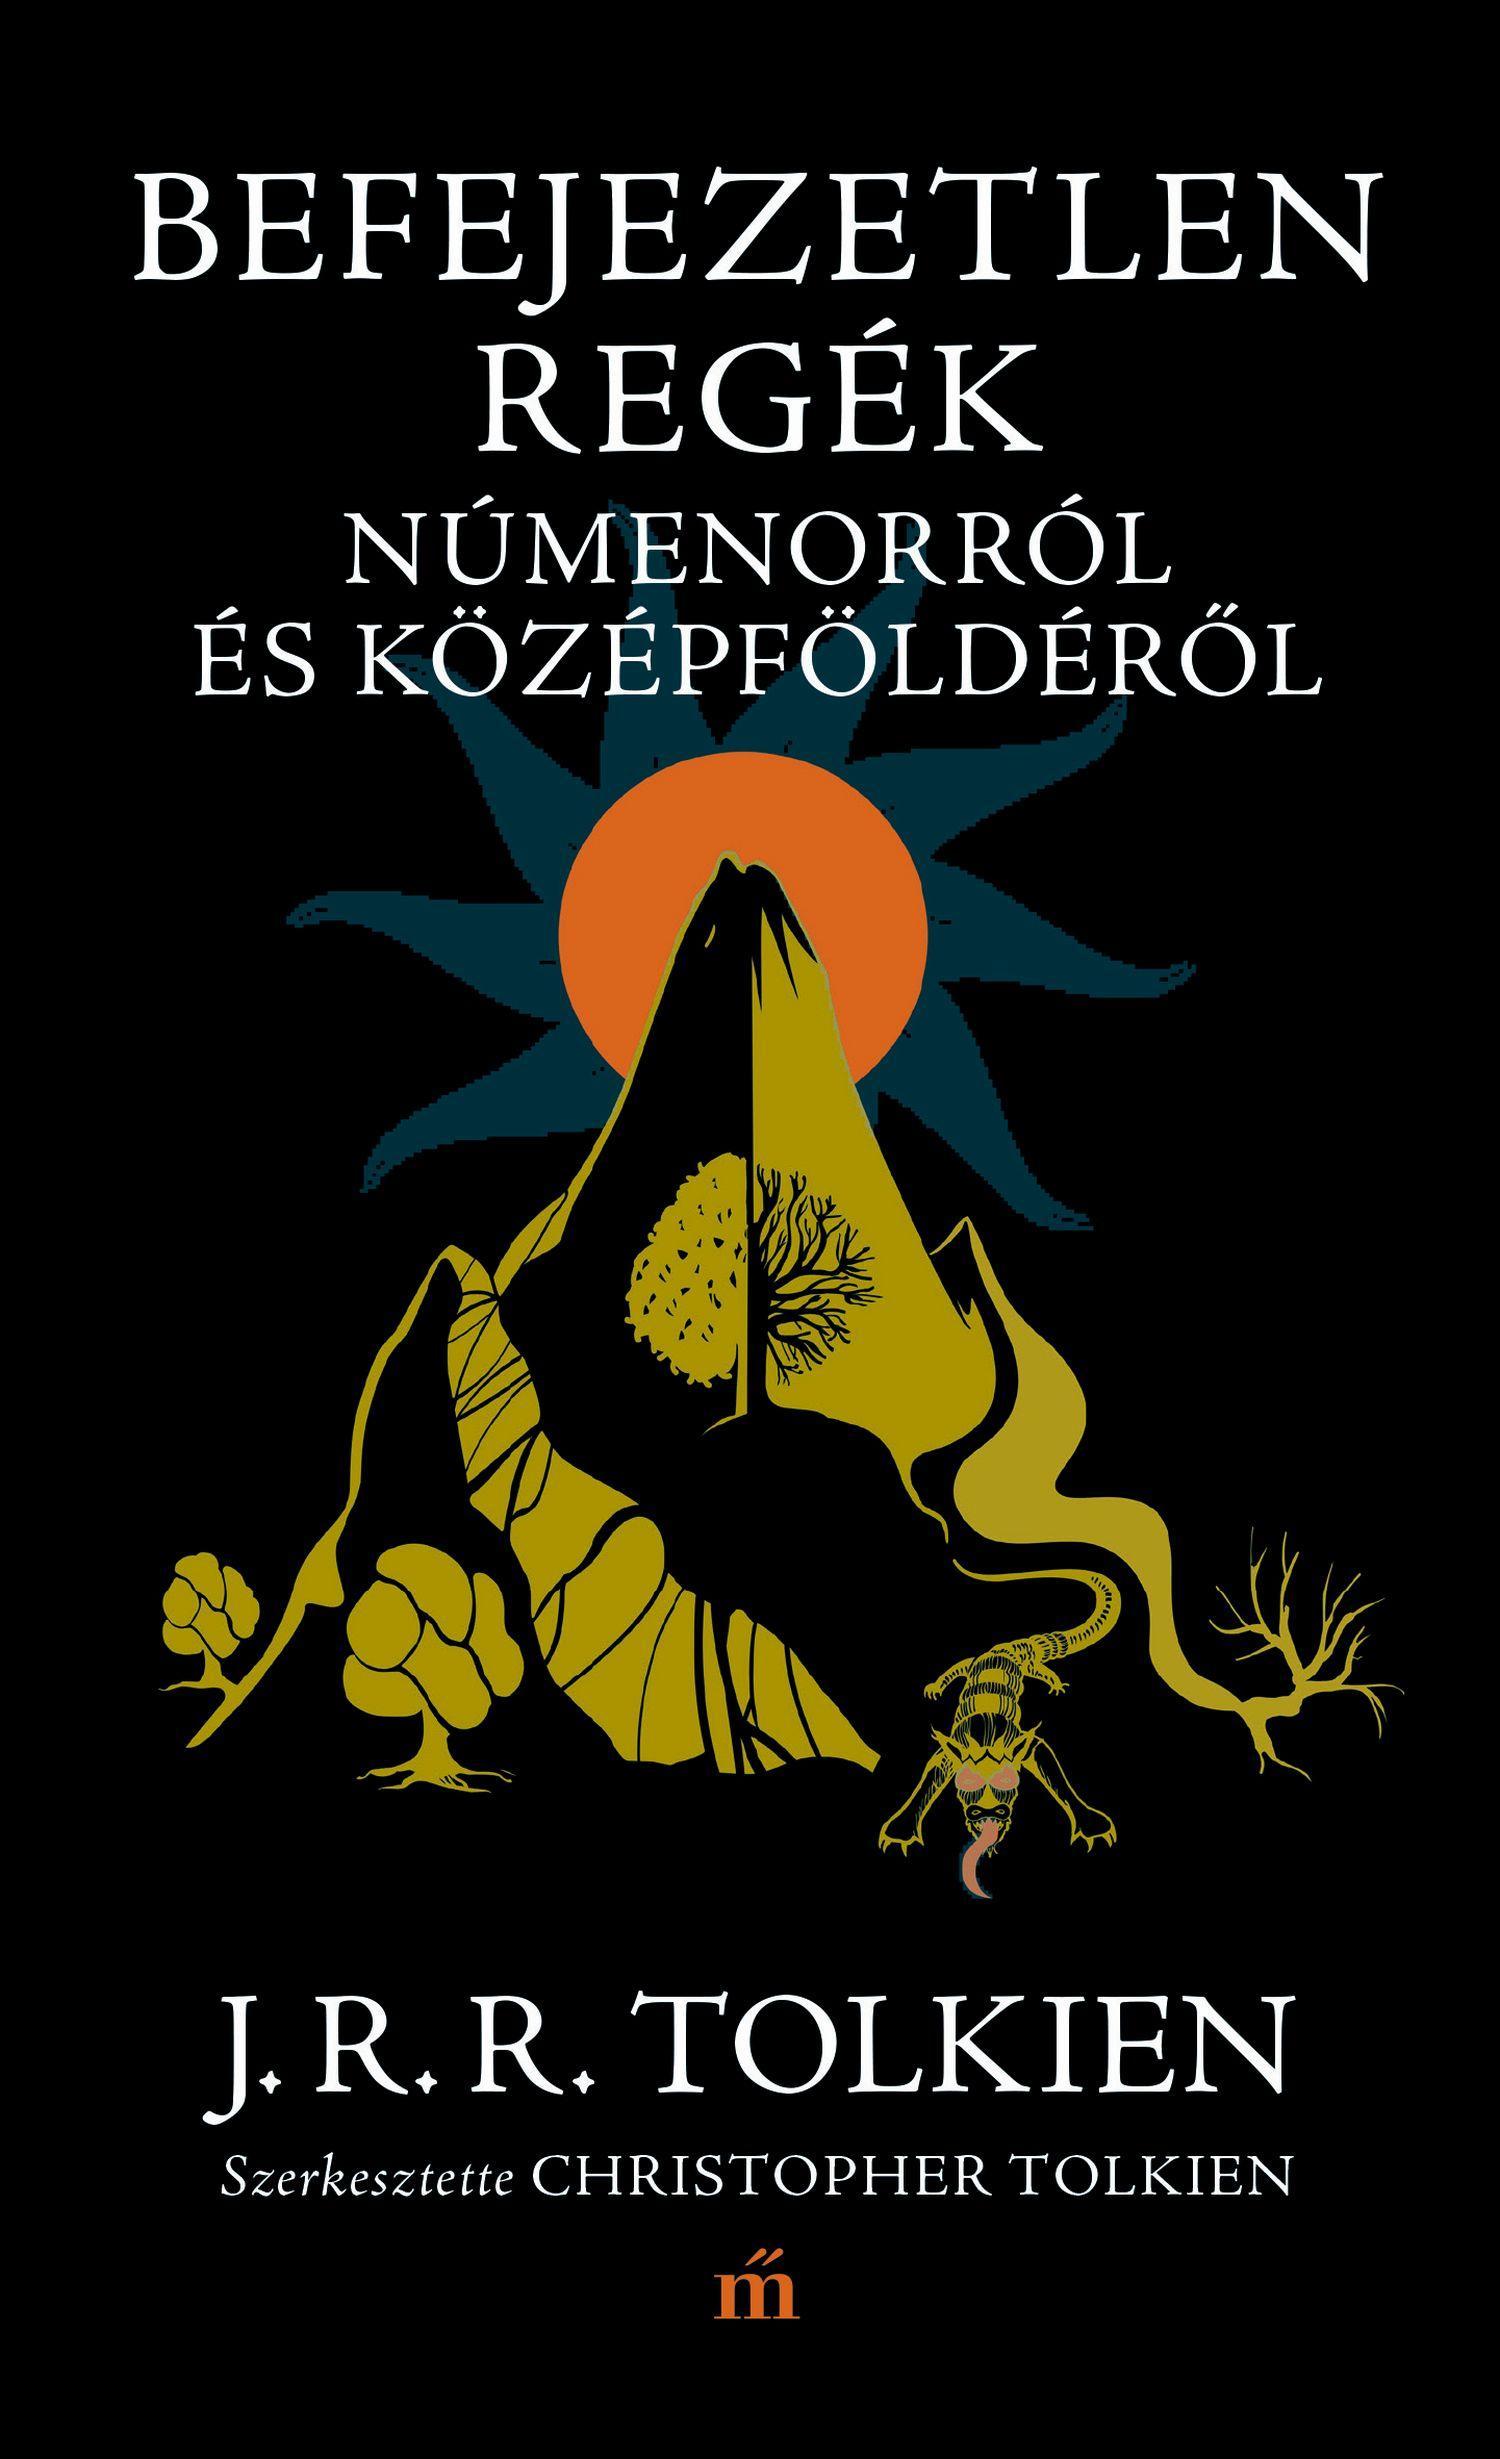 Tolkien, J. R. R. - Befejezetlen regék Númenorról és Középföldéről